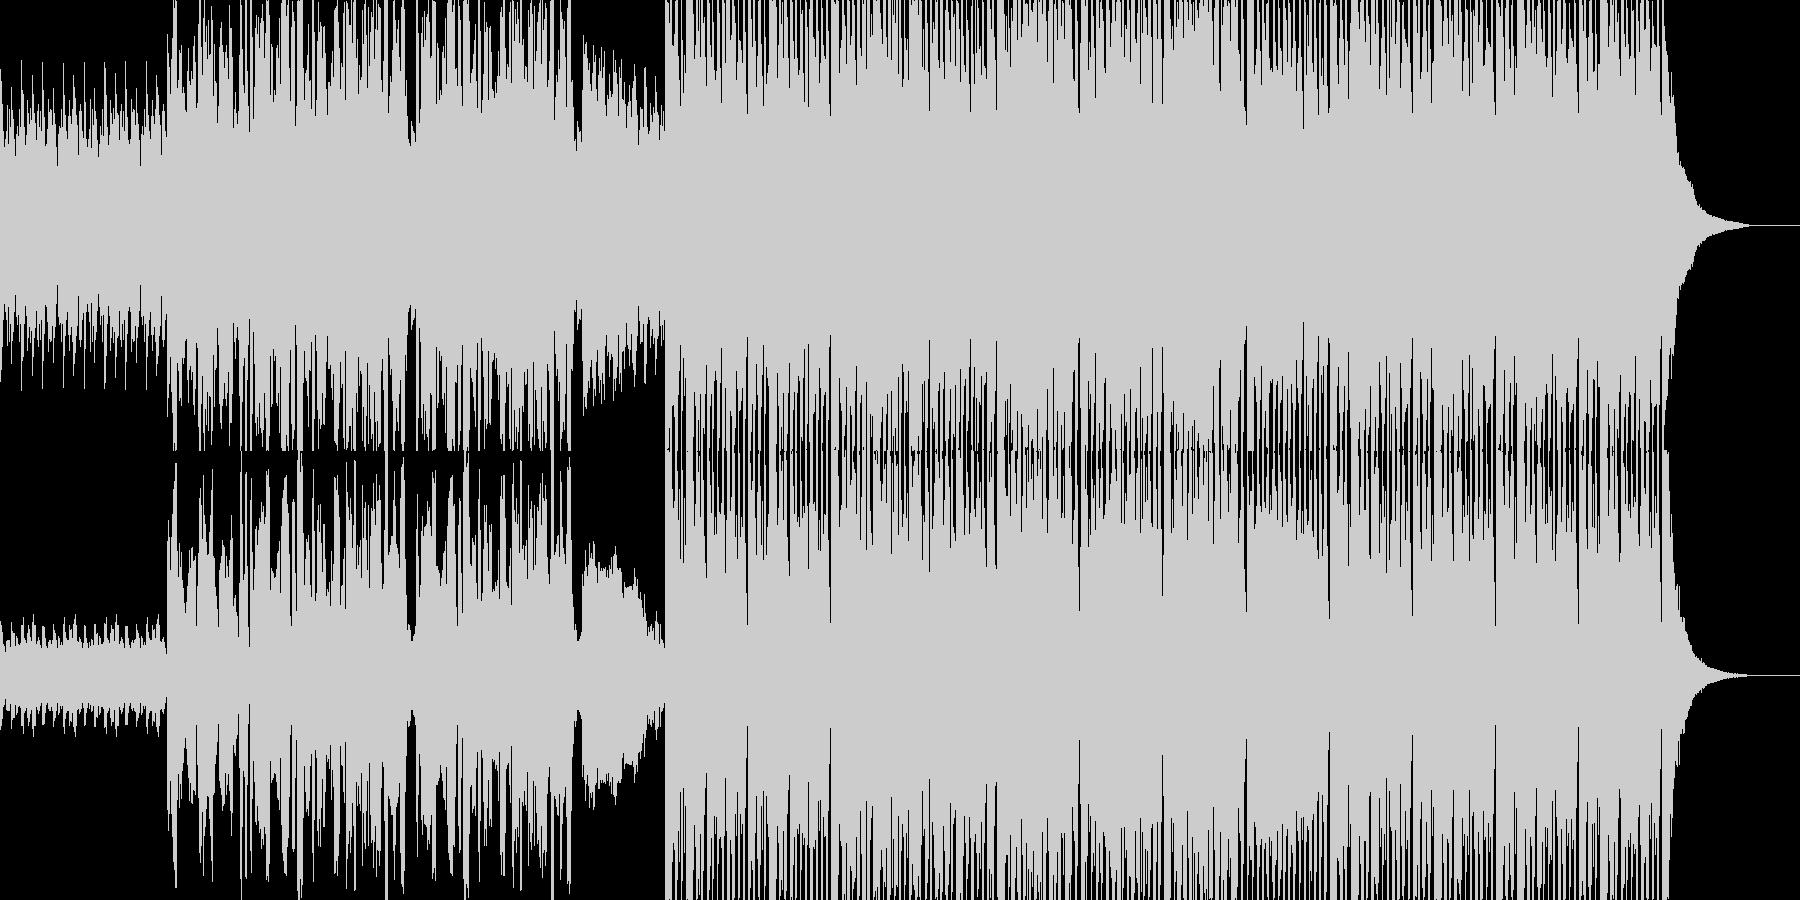 ノリノリになるカントリーミュージックの未再生の波形